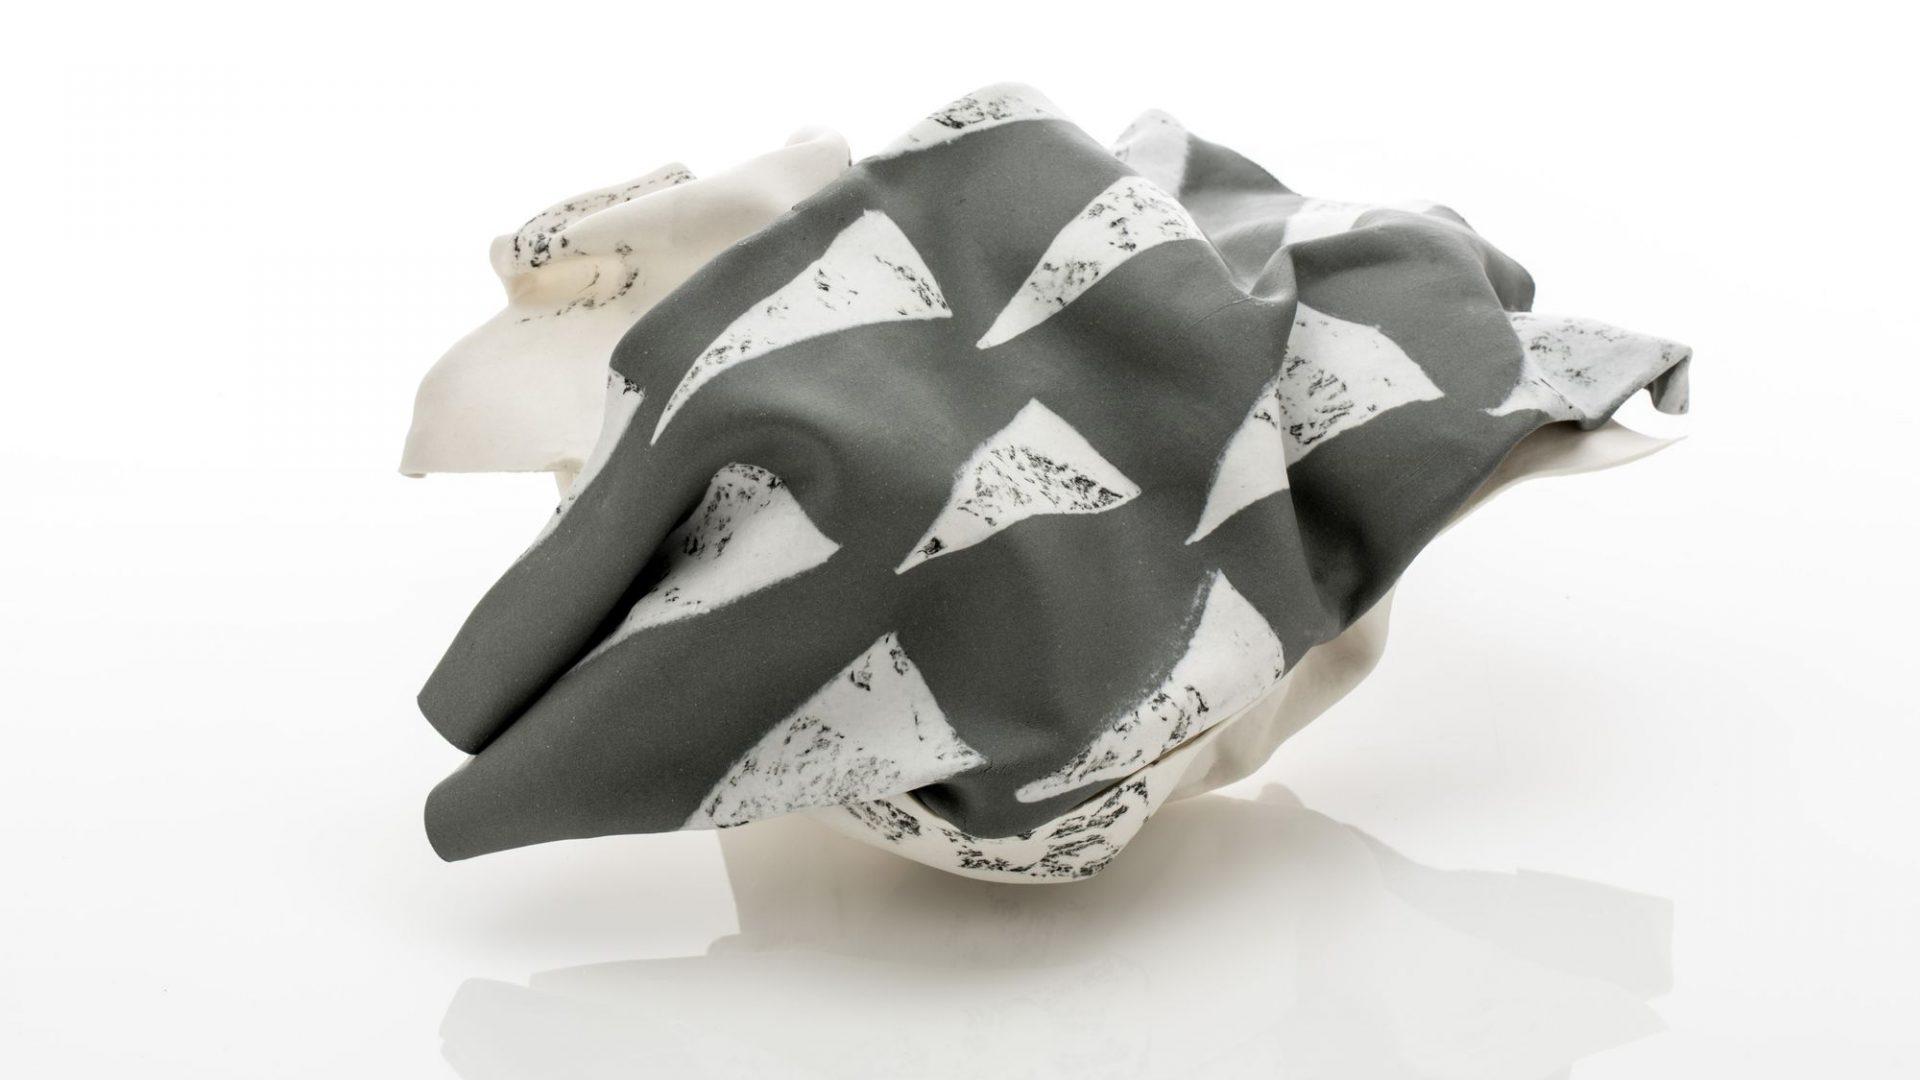 http://schlagenhauf-ceramique.com/wp-content/uploads/2018/02/Daniela-Serie-_TREIGNY-I2B9855-1920x1080.jpg